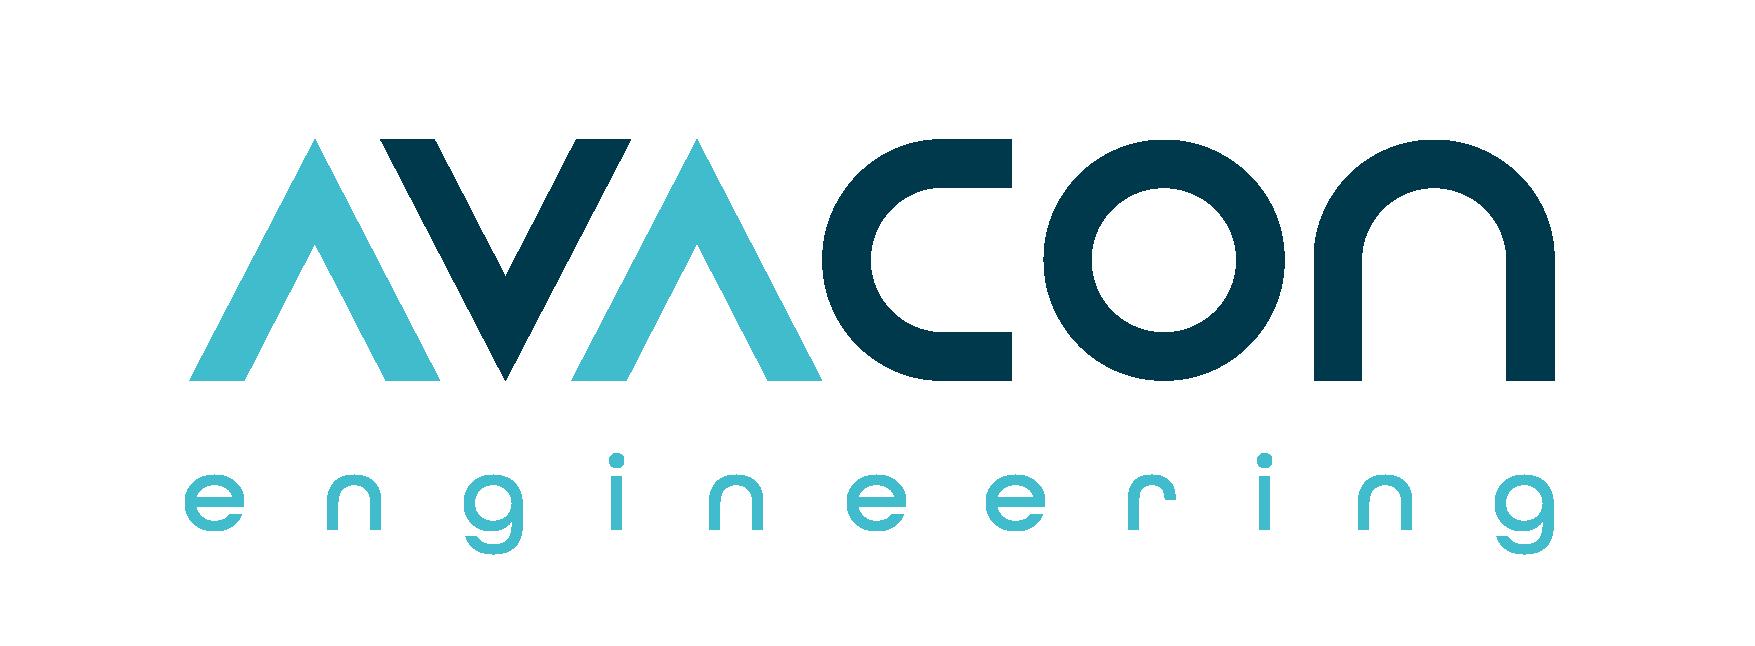 Avacon/versión castellano